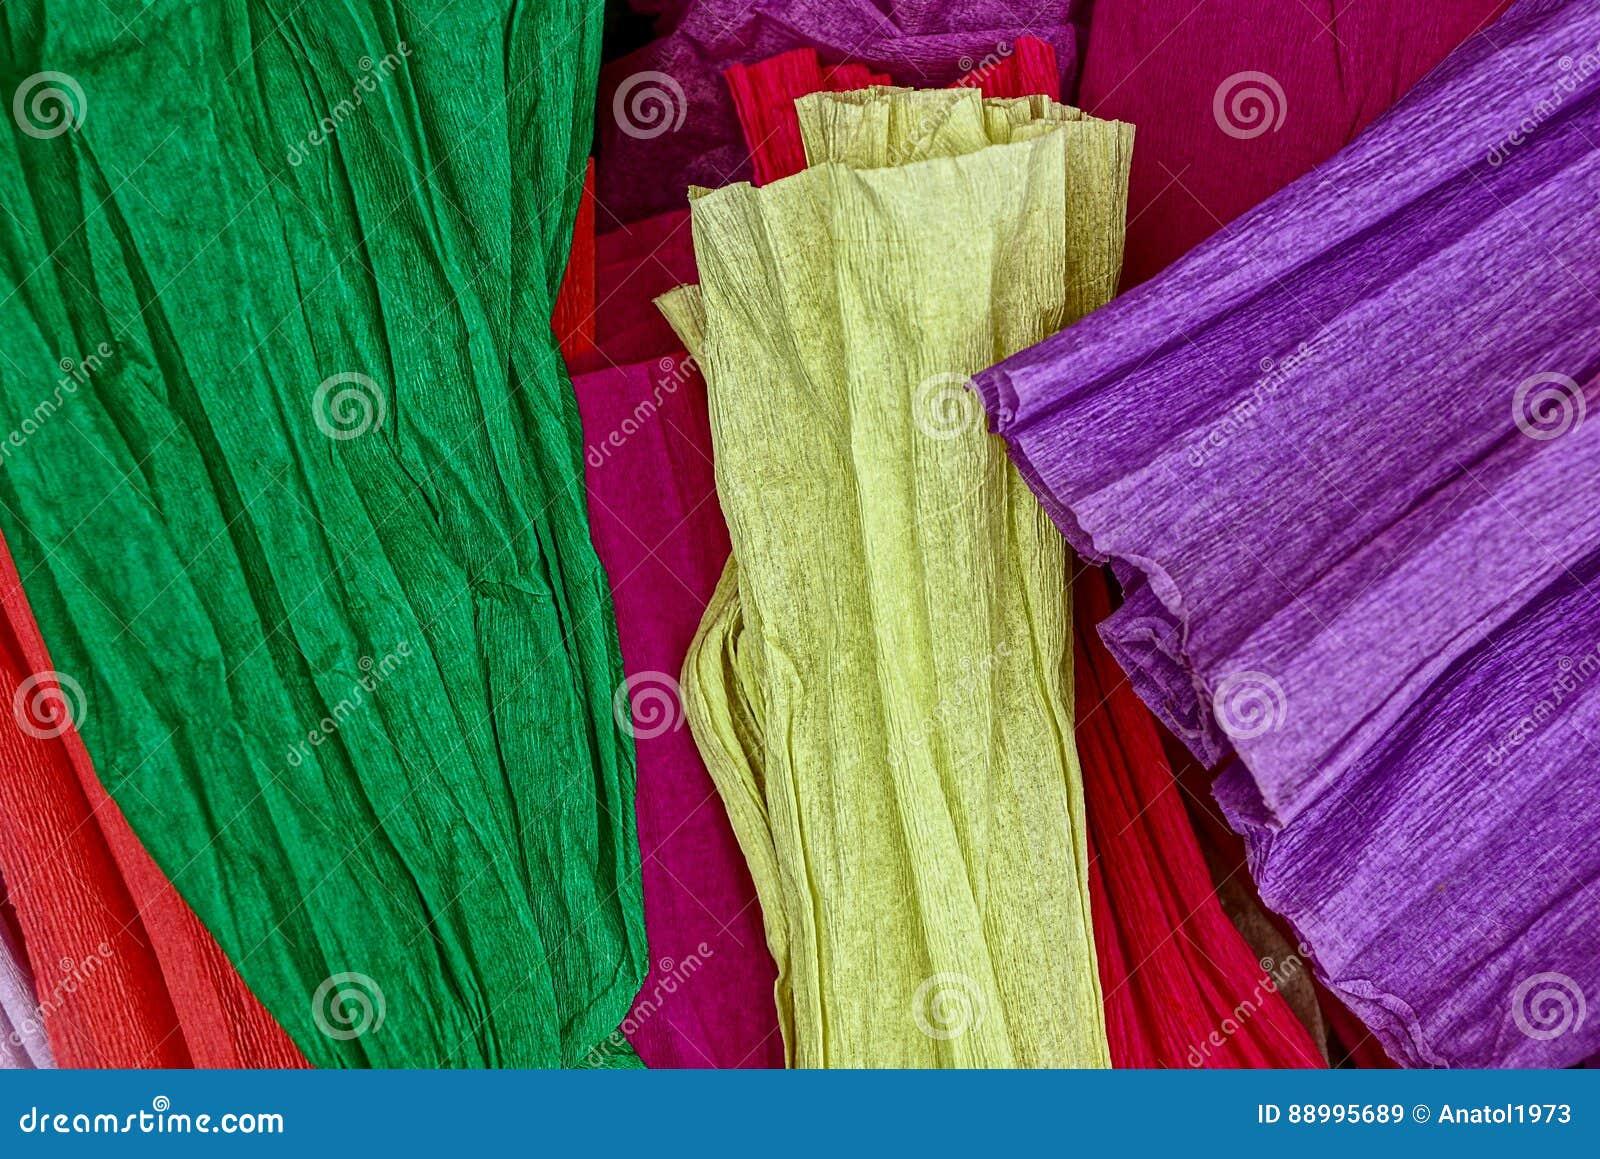 Ensemble de papier coloré sur le fond blanc